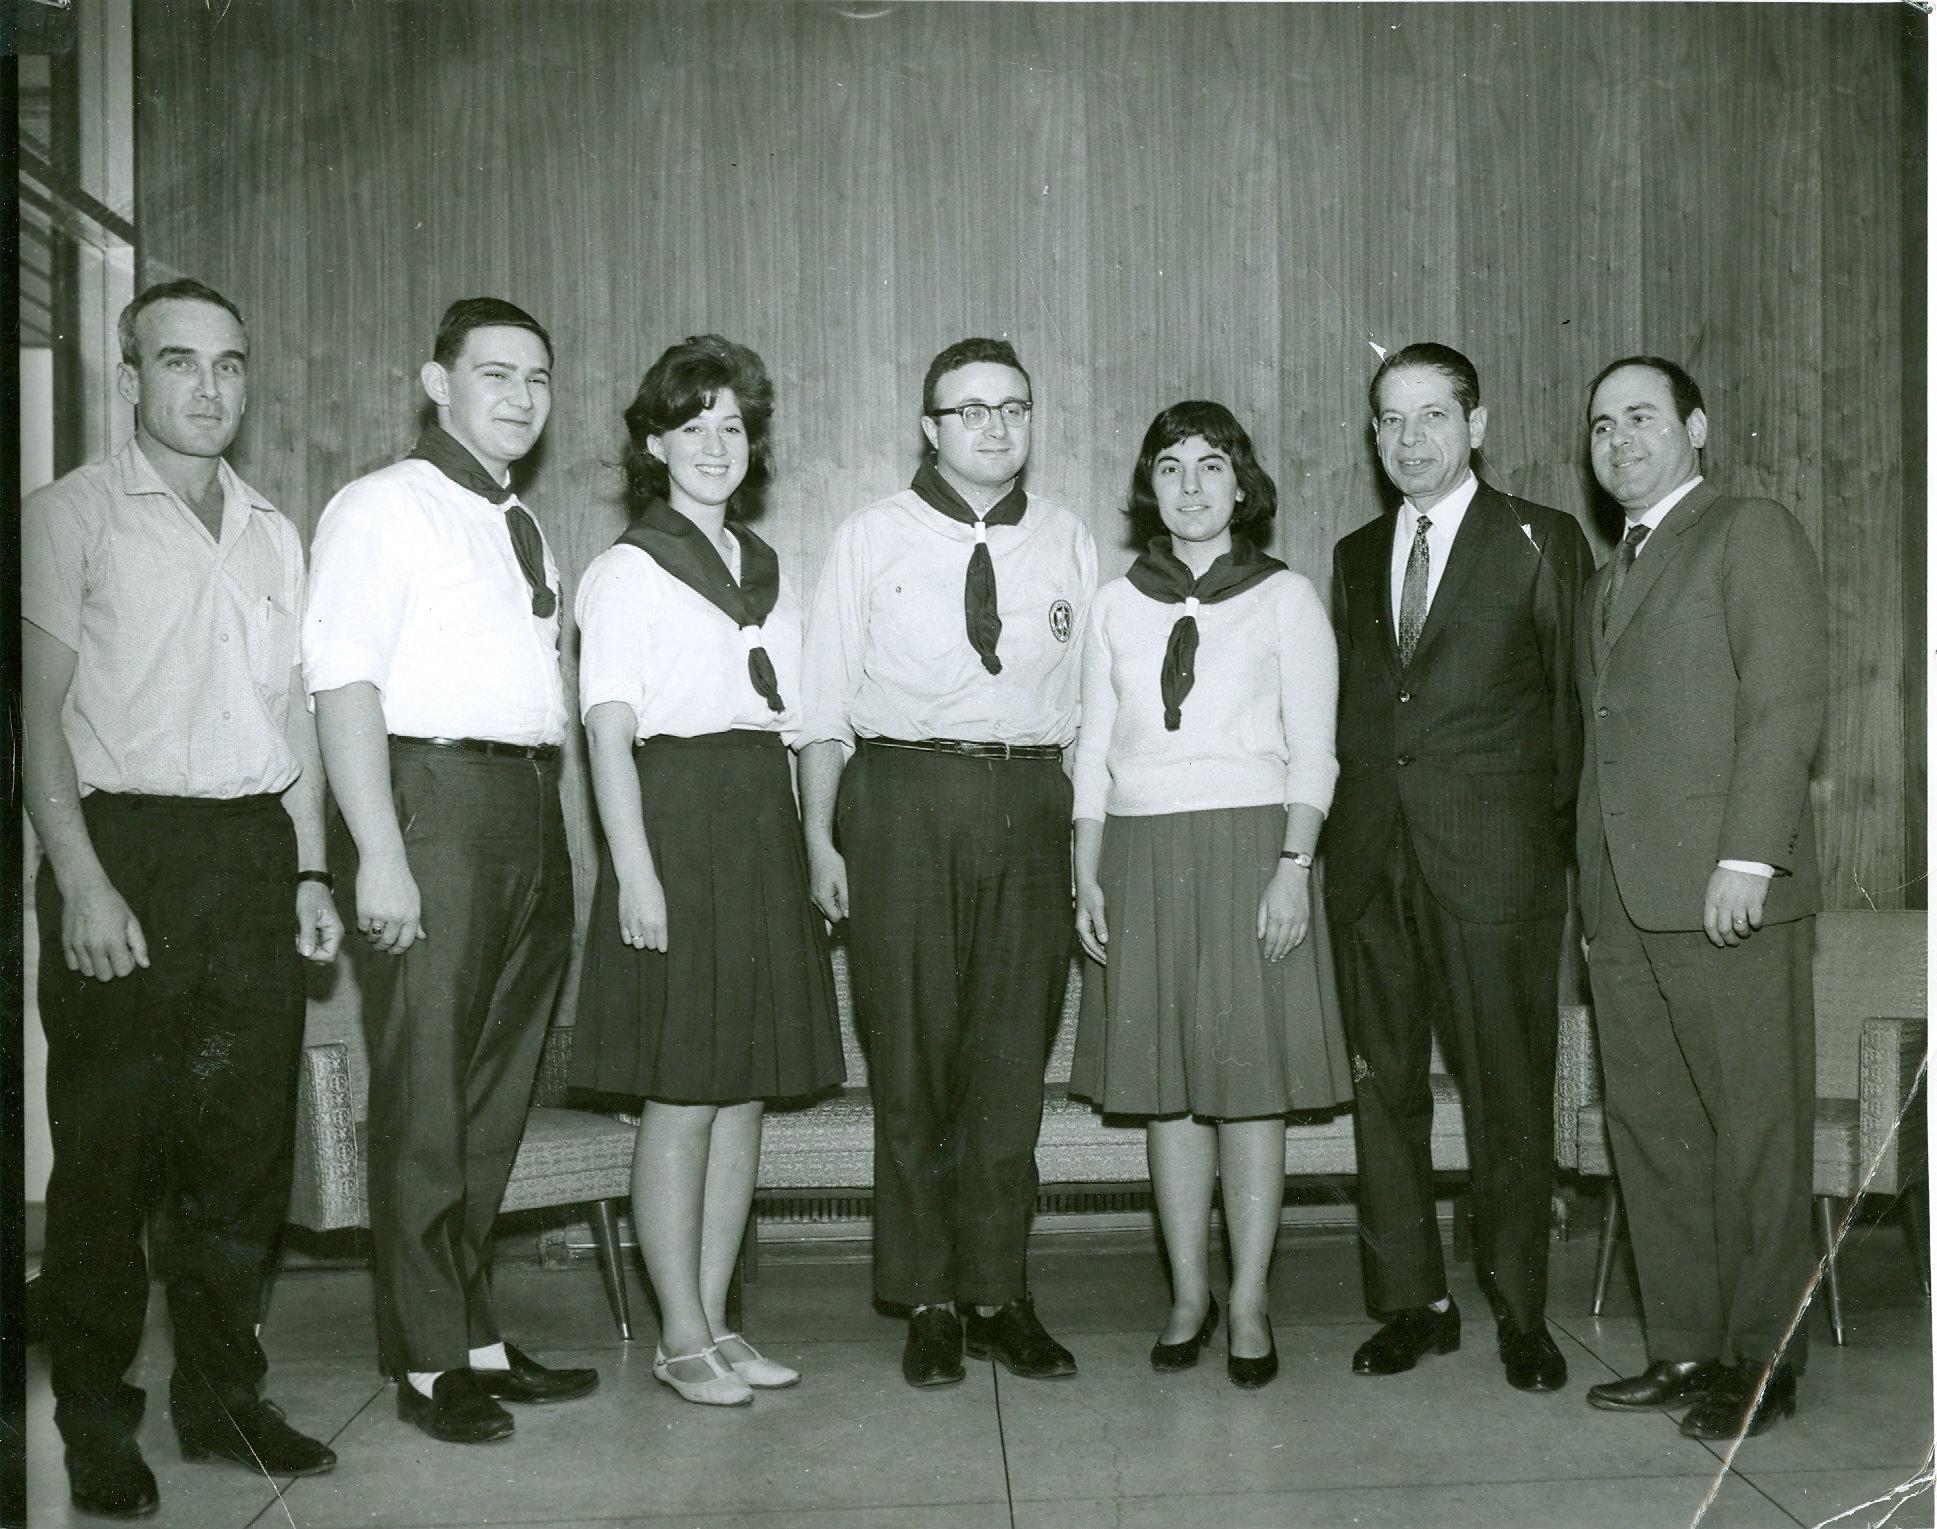 Shlomo Rubin, Brian Greenspan, Jackie Levitin, Dave Hamburg, Marsha Ablowitz, Uri Levinksky (YJ Kinus, Toronto, Dec. 1963).jpg